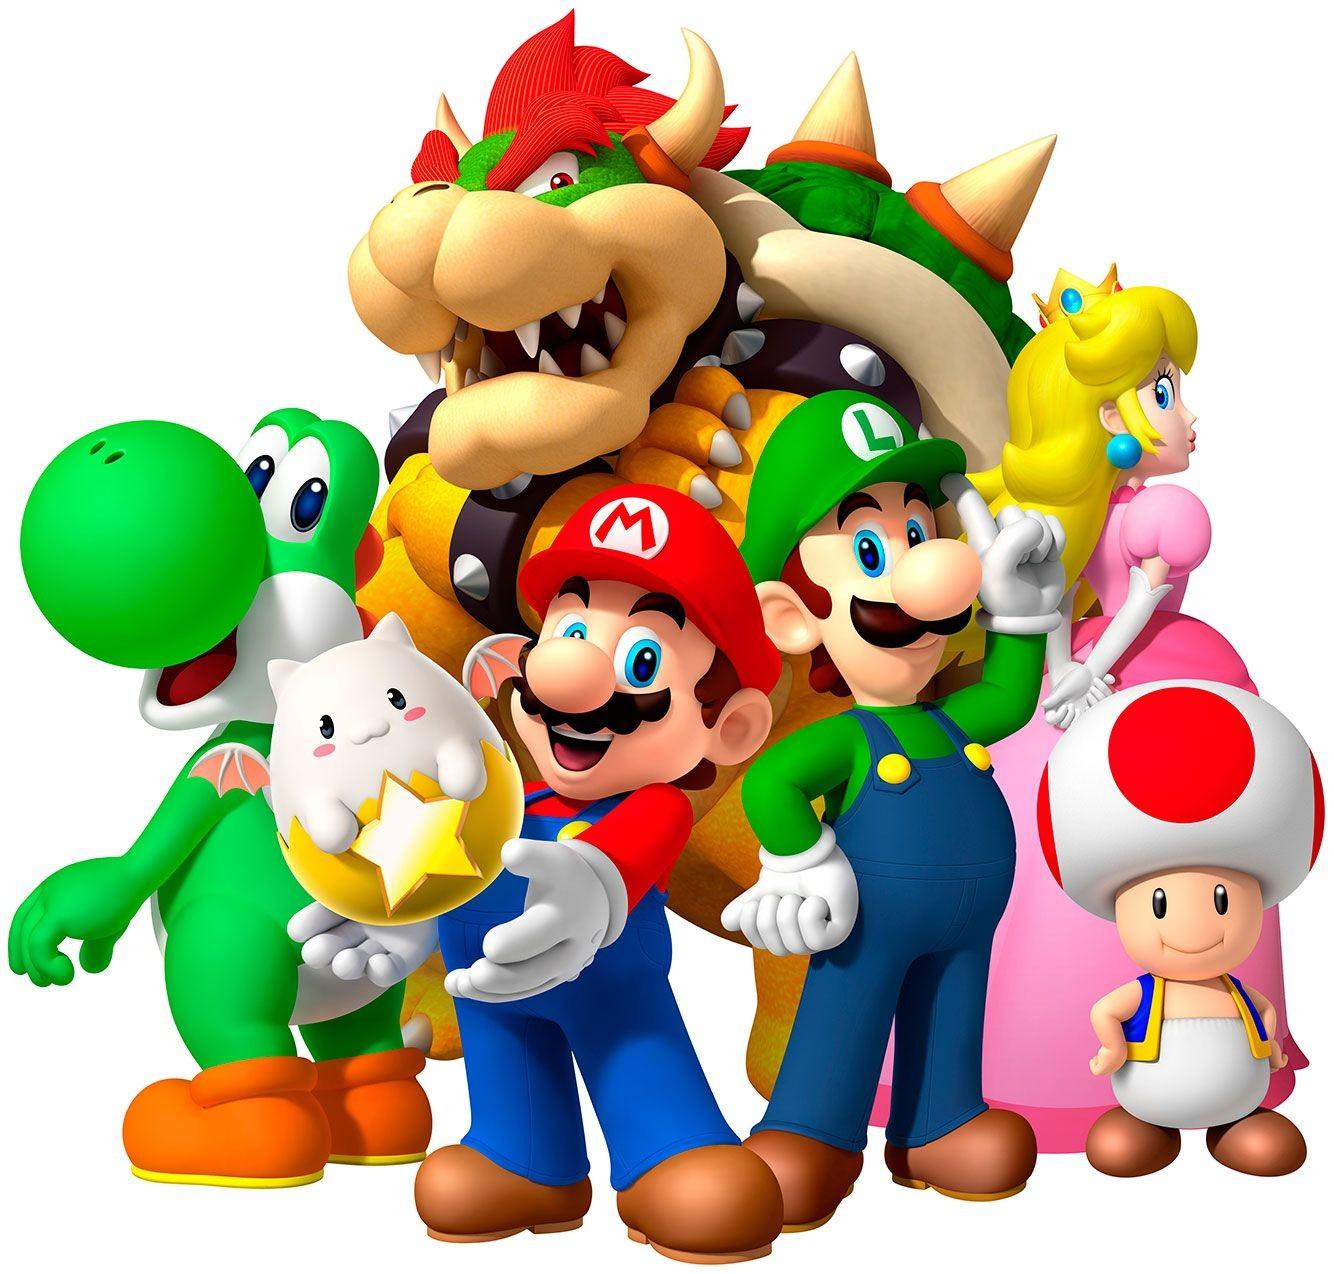 L'univers Mario